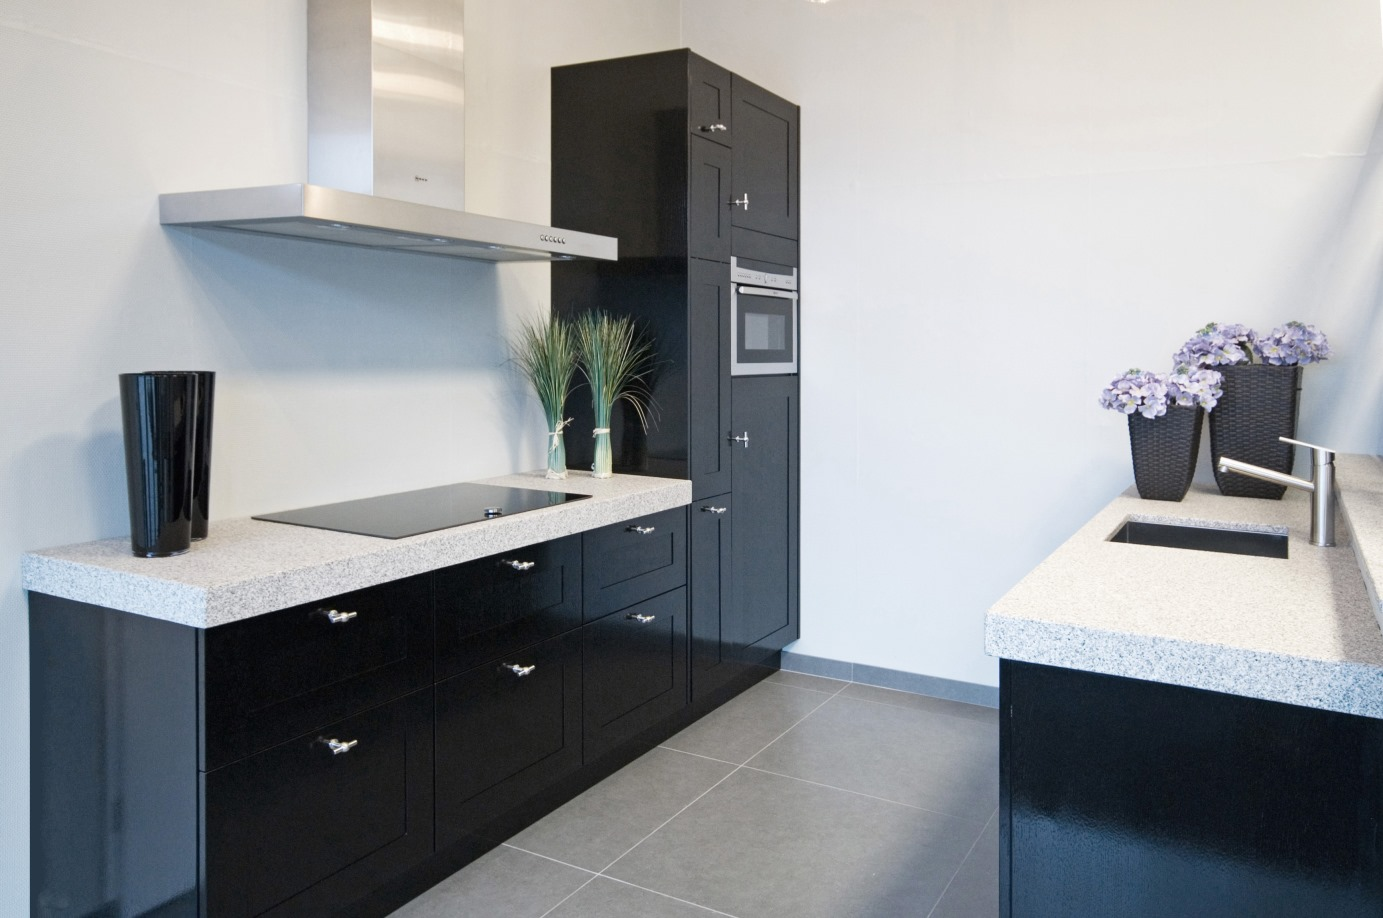 Handgrepen Keuken Zwart : keuken, met composiet blad. Lees meer informatie over zwarte keukens